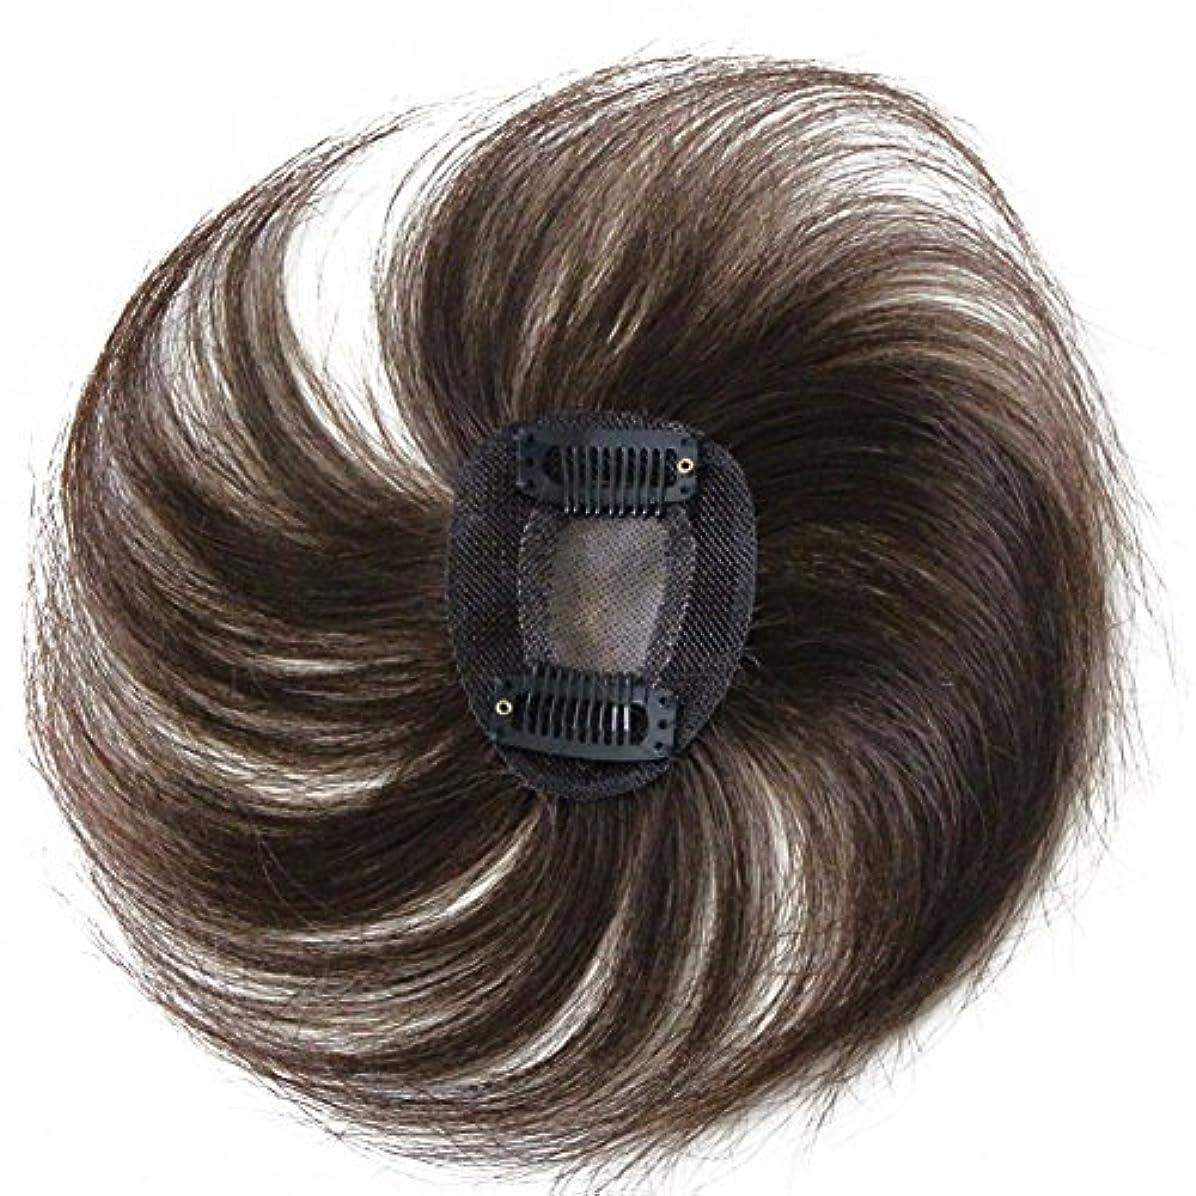 たぶん虎圧縮するRemeehiヘアピース トップビース つむじカバー ヘアピース 白髪隠し ボリュームアップ